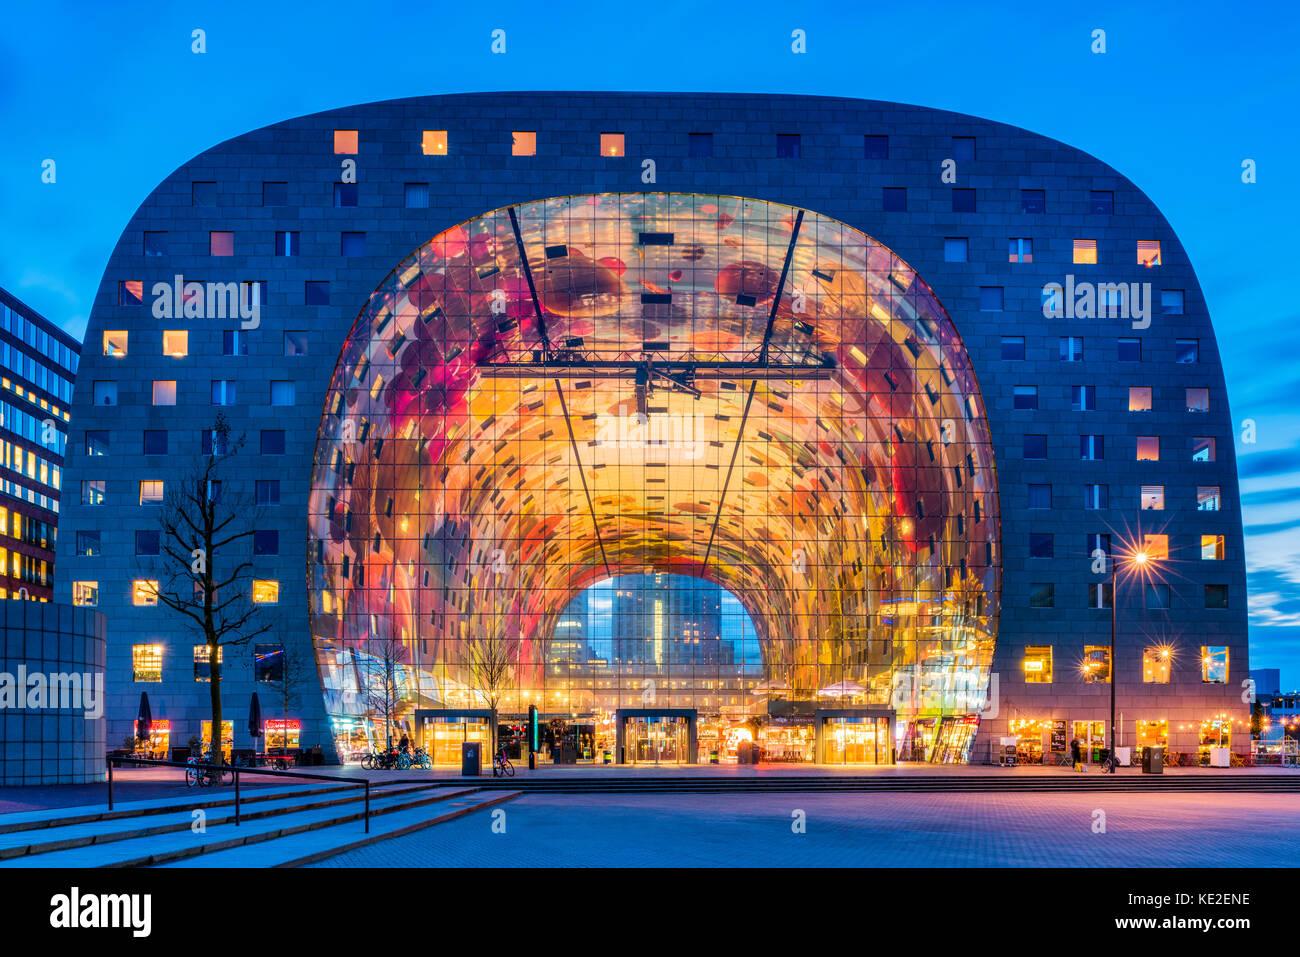 Market Hall en el distrito blaak de Rotterdam, Países Bajos al anochecer. Es un edificio de oficinas y residenciales Imagen De Stock